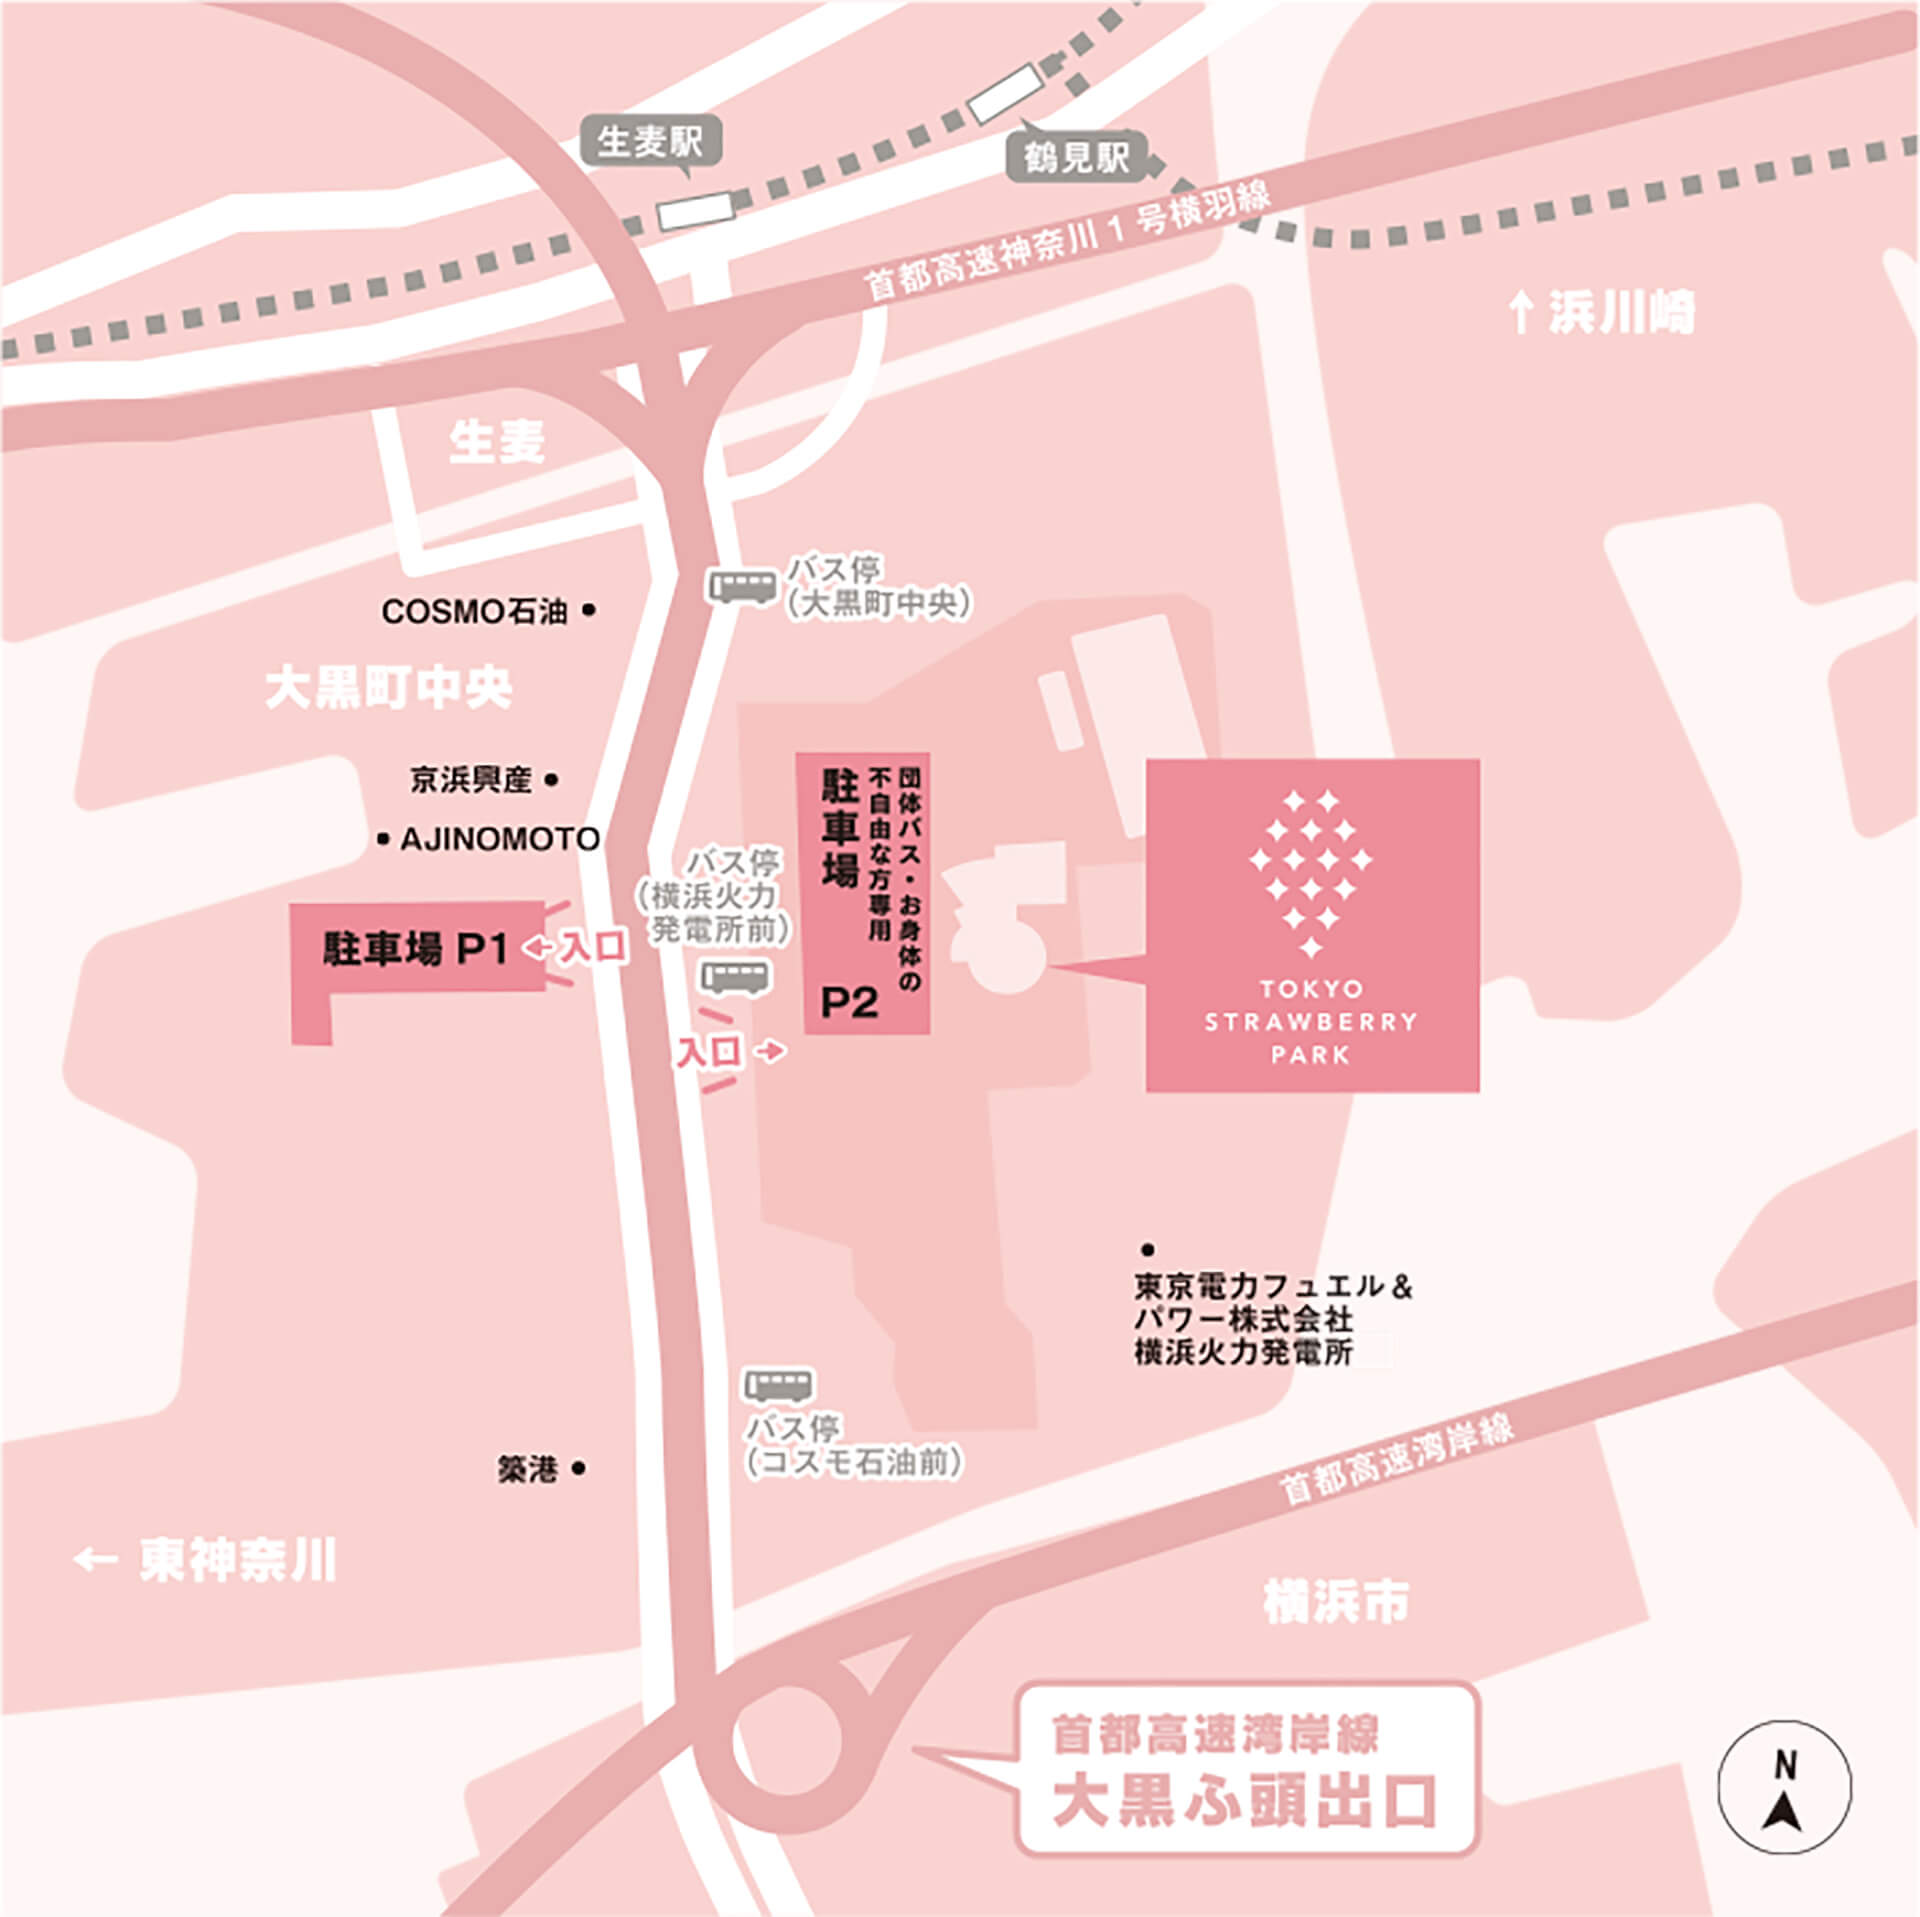 東京ストロベリーパークの俯瞰地図